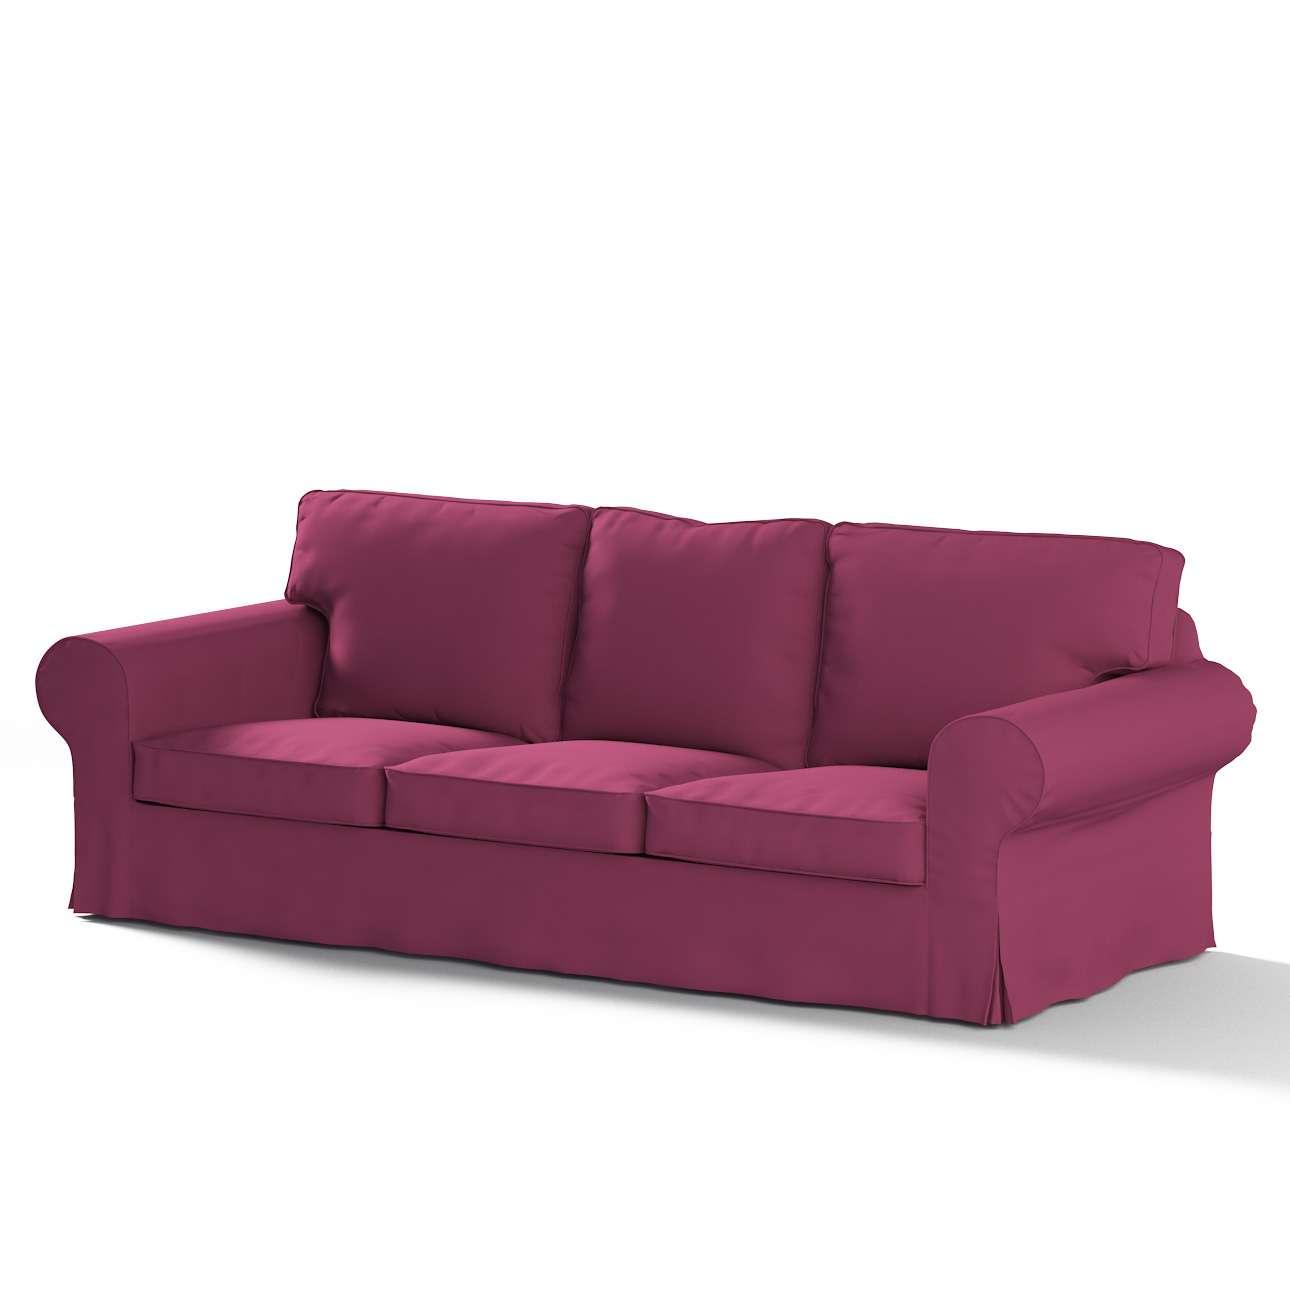 Pokrowiec na sofę Ektorp 3-osobową, rozkładaną NOWY MODEL 2013 Ektorp 3-os rozkładany nowy model 2013 w kolekcji Cotton Panama, tkanina: 702-32